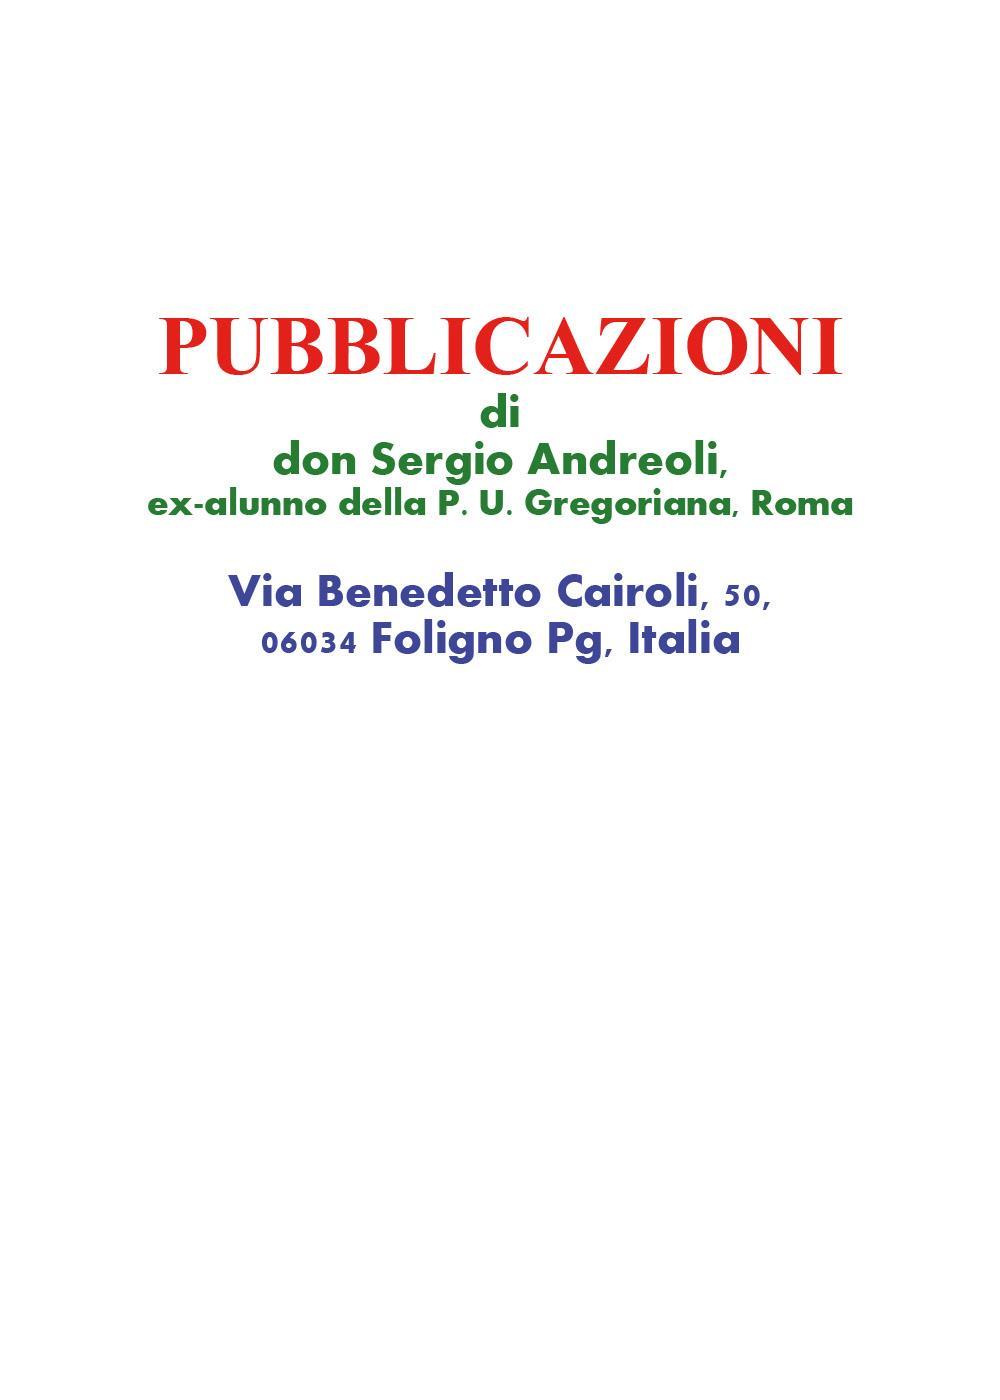 Pubblicazioni di don Sergio Andreoli, ex-alunno della P. U. Gregoriana, Roma